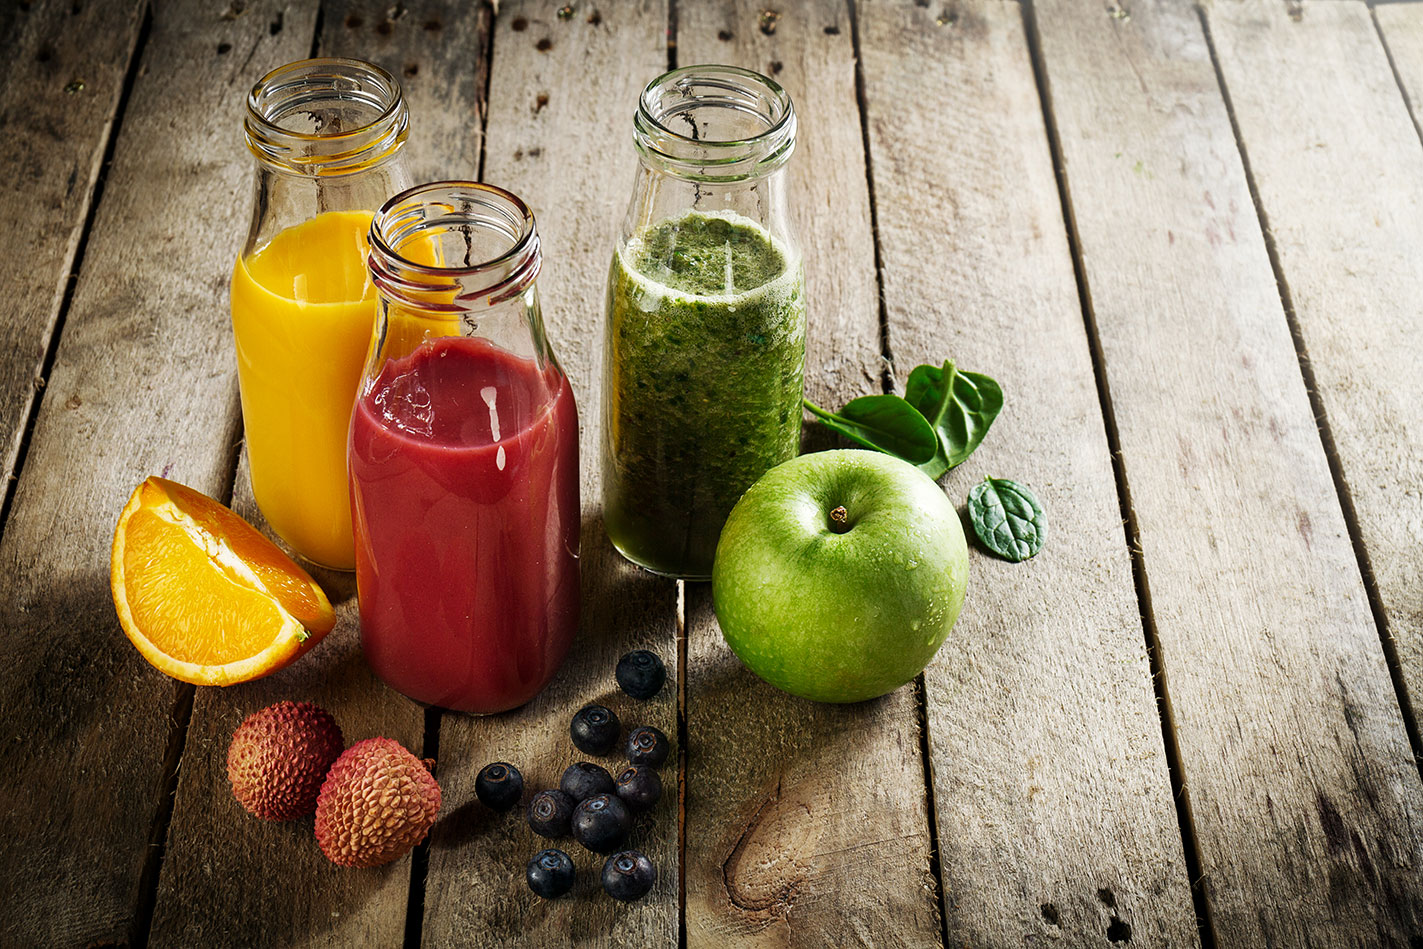 Полезный завтрак из БЖУ для здоровья и красоты